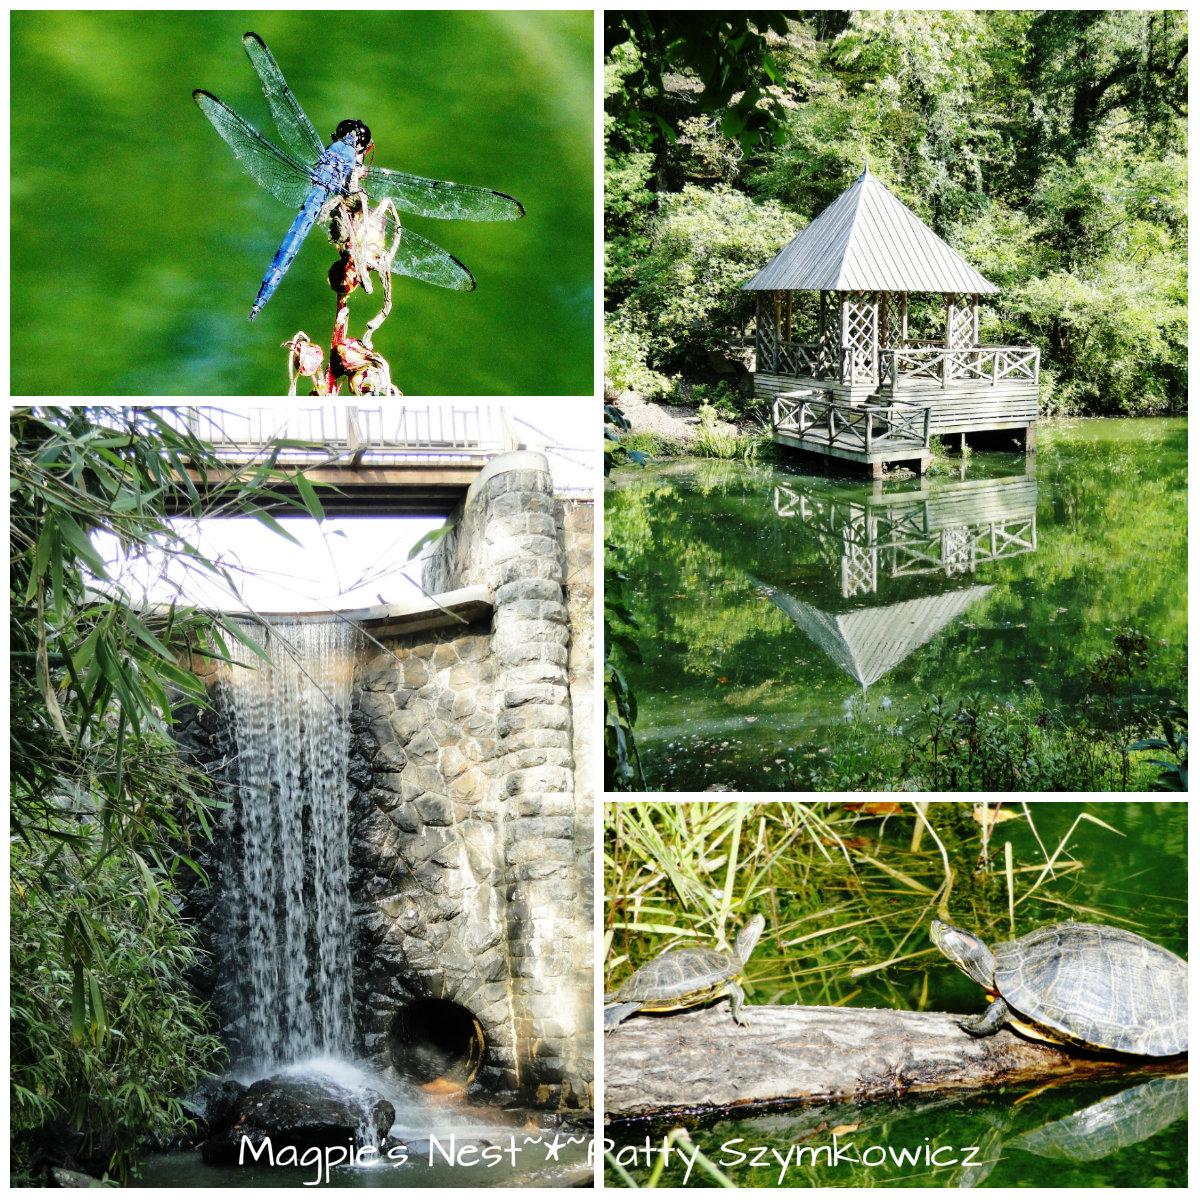 Magpie's Nest ~*~ Patty Szymkowicz